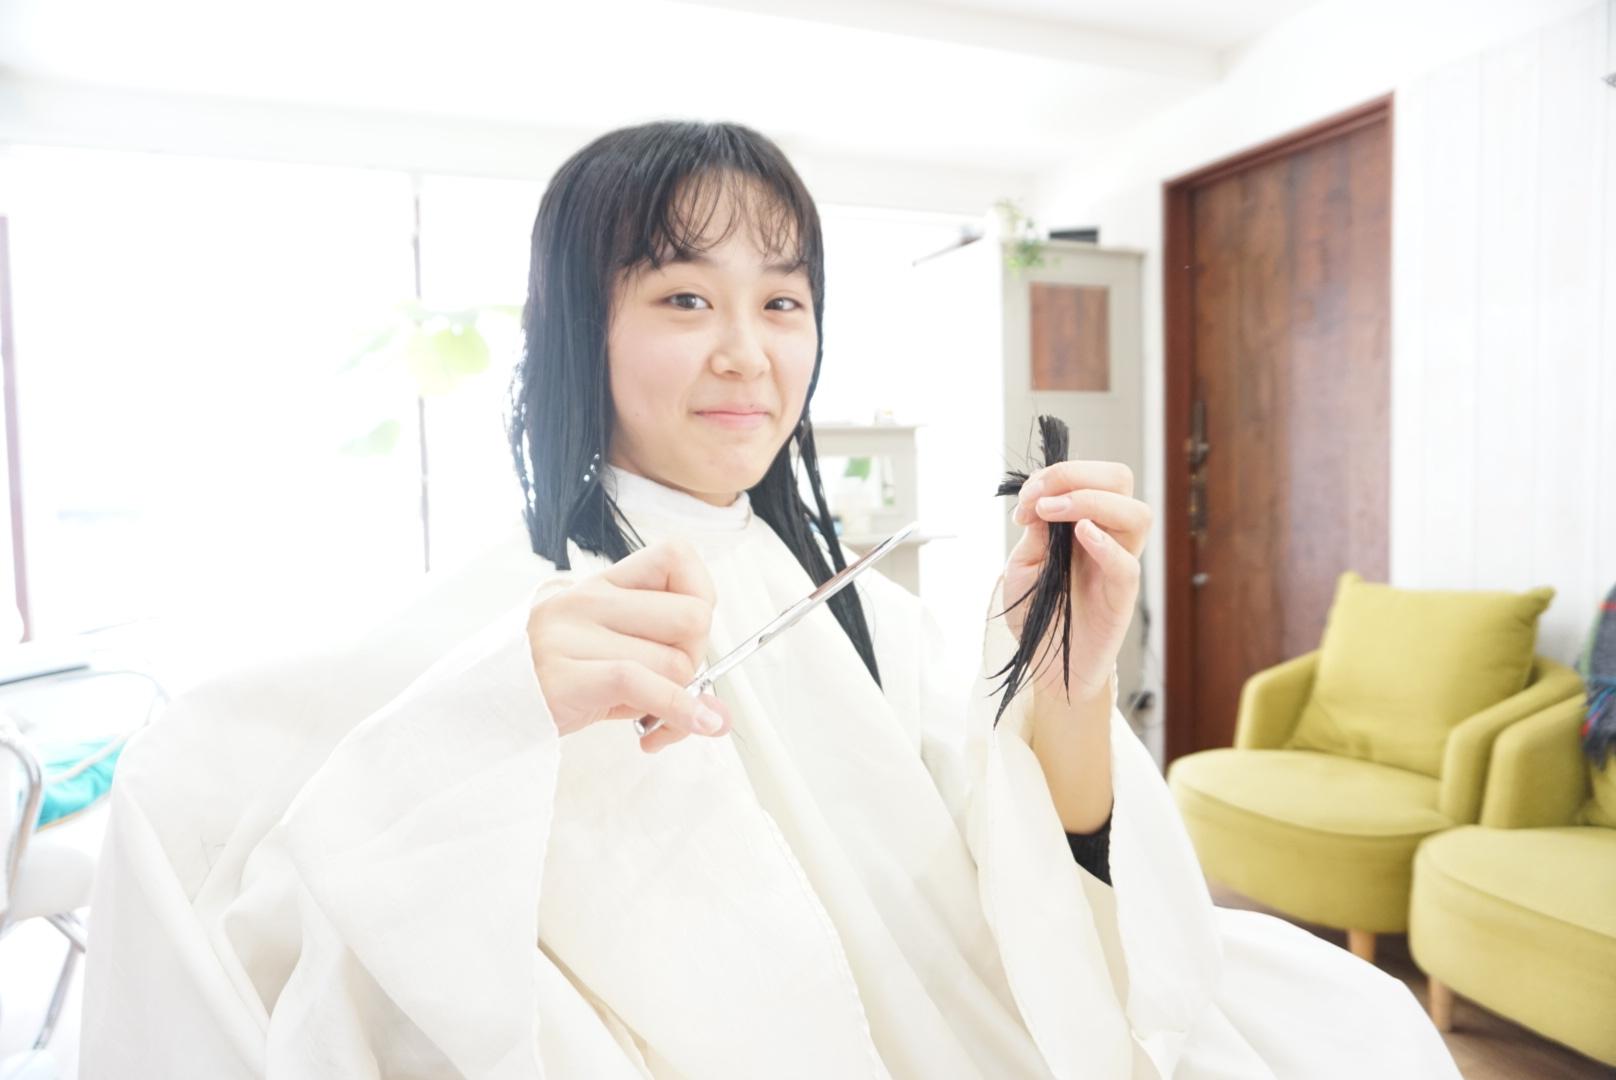 鋏で自分の髪を切る女性